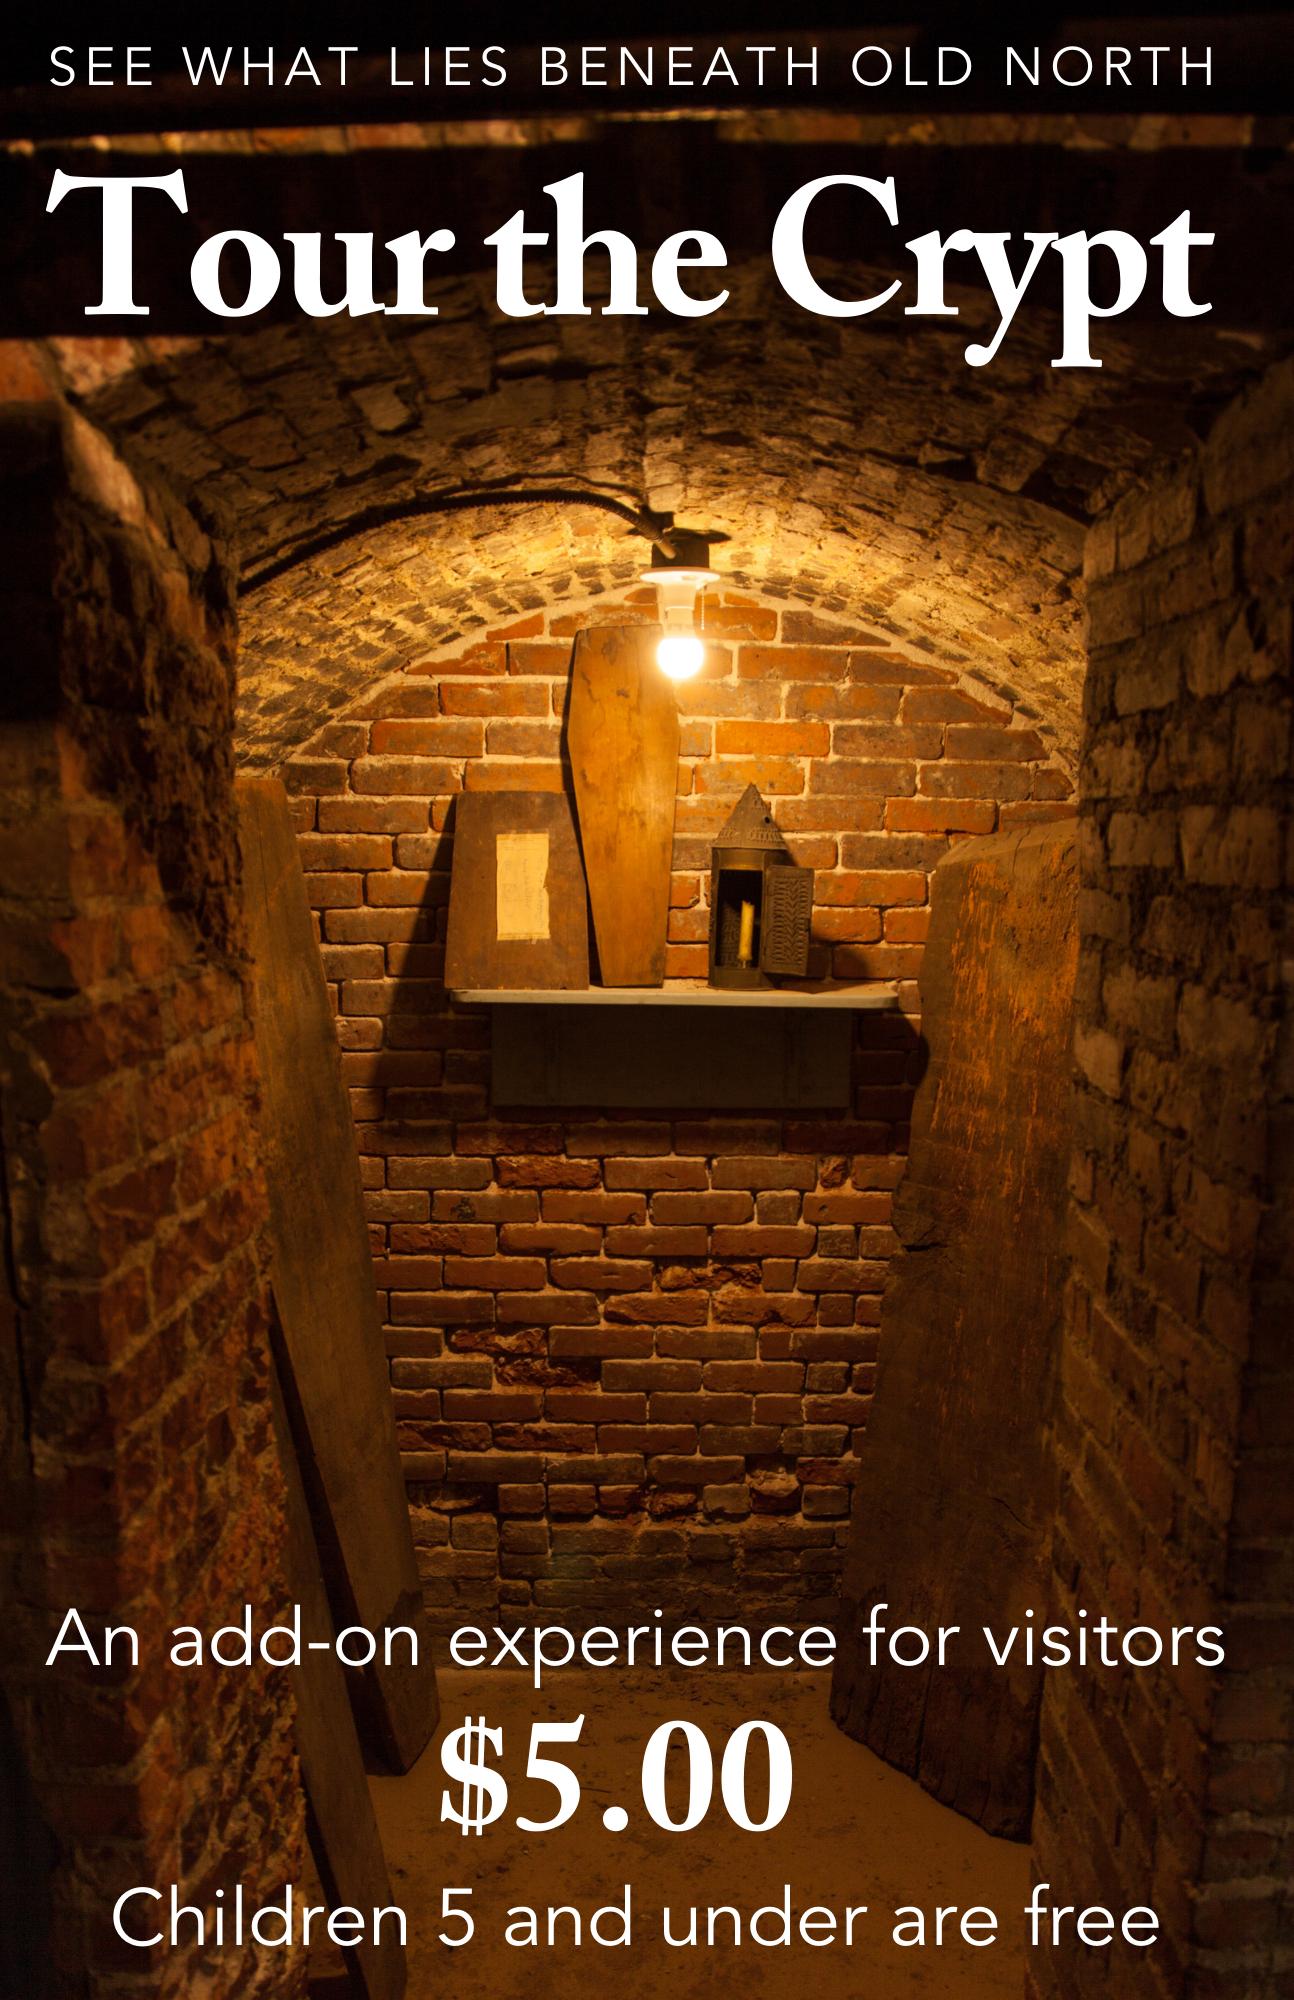 Tour the Crypt